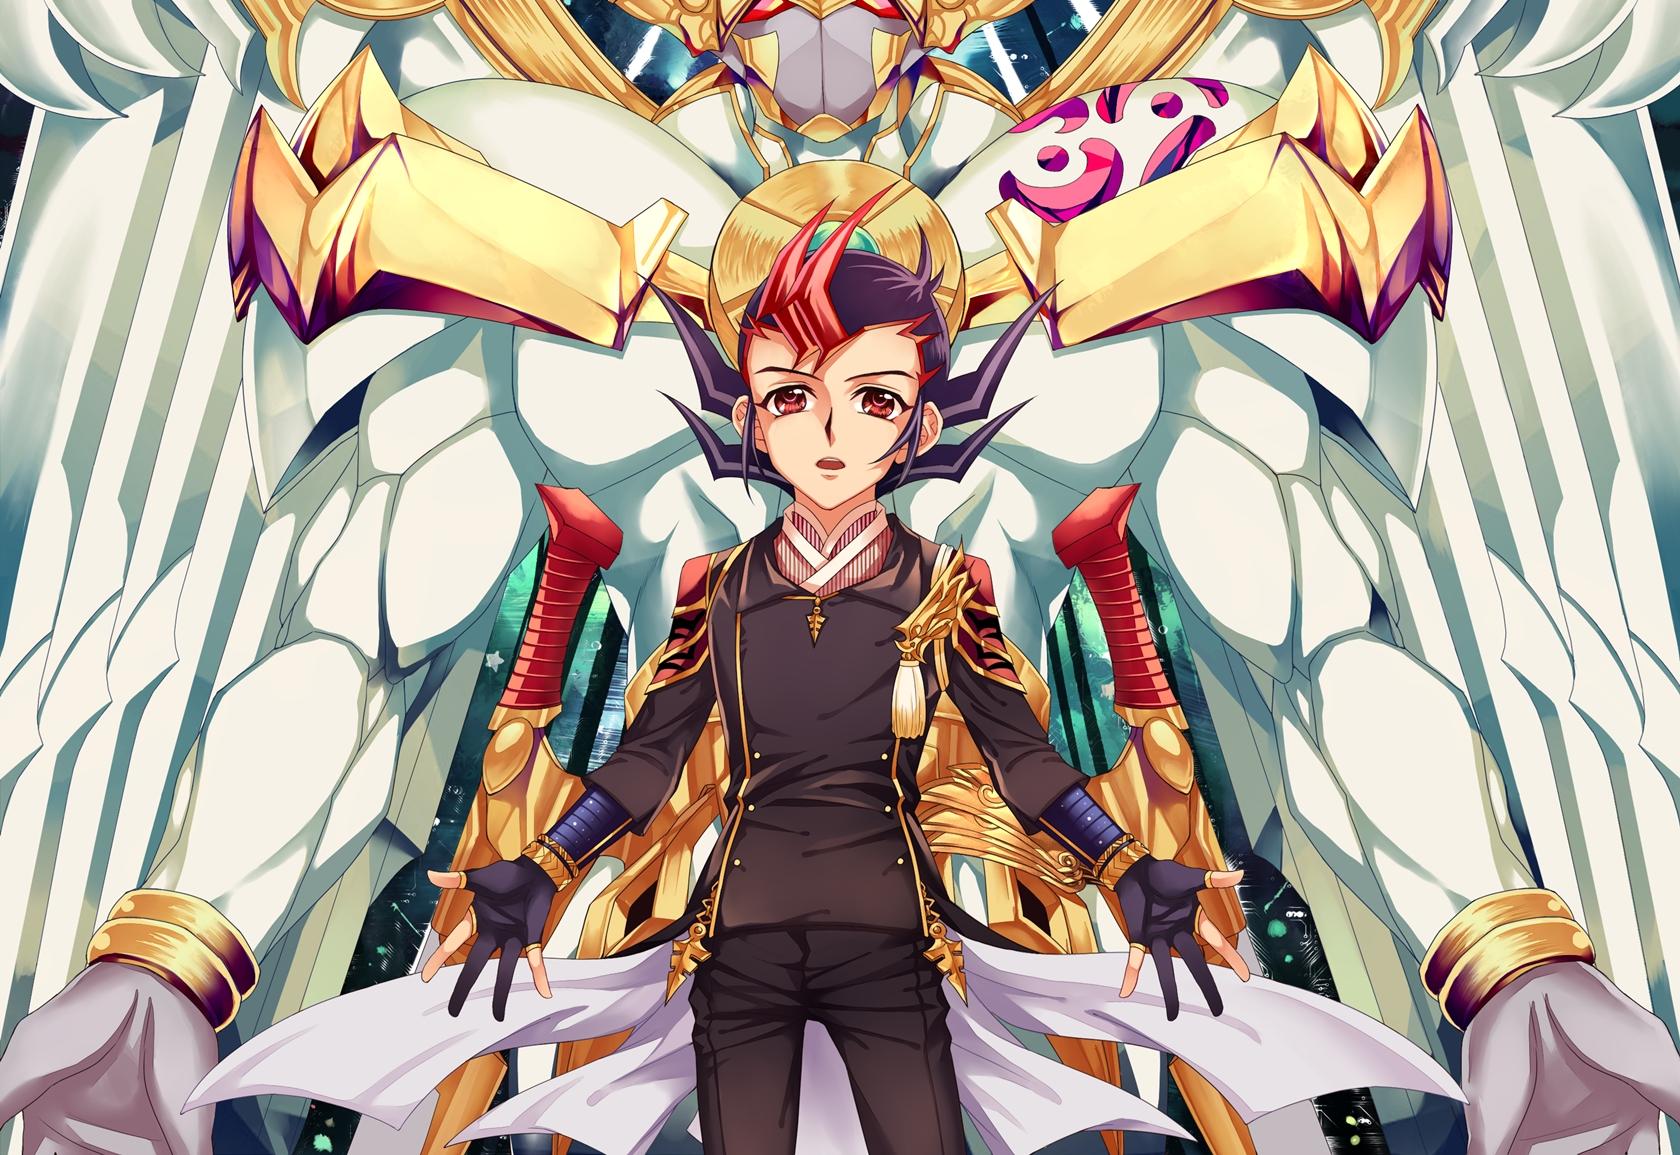 yu gi oh zexal image 1903134 zerochan anime image board